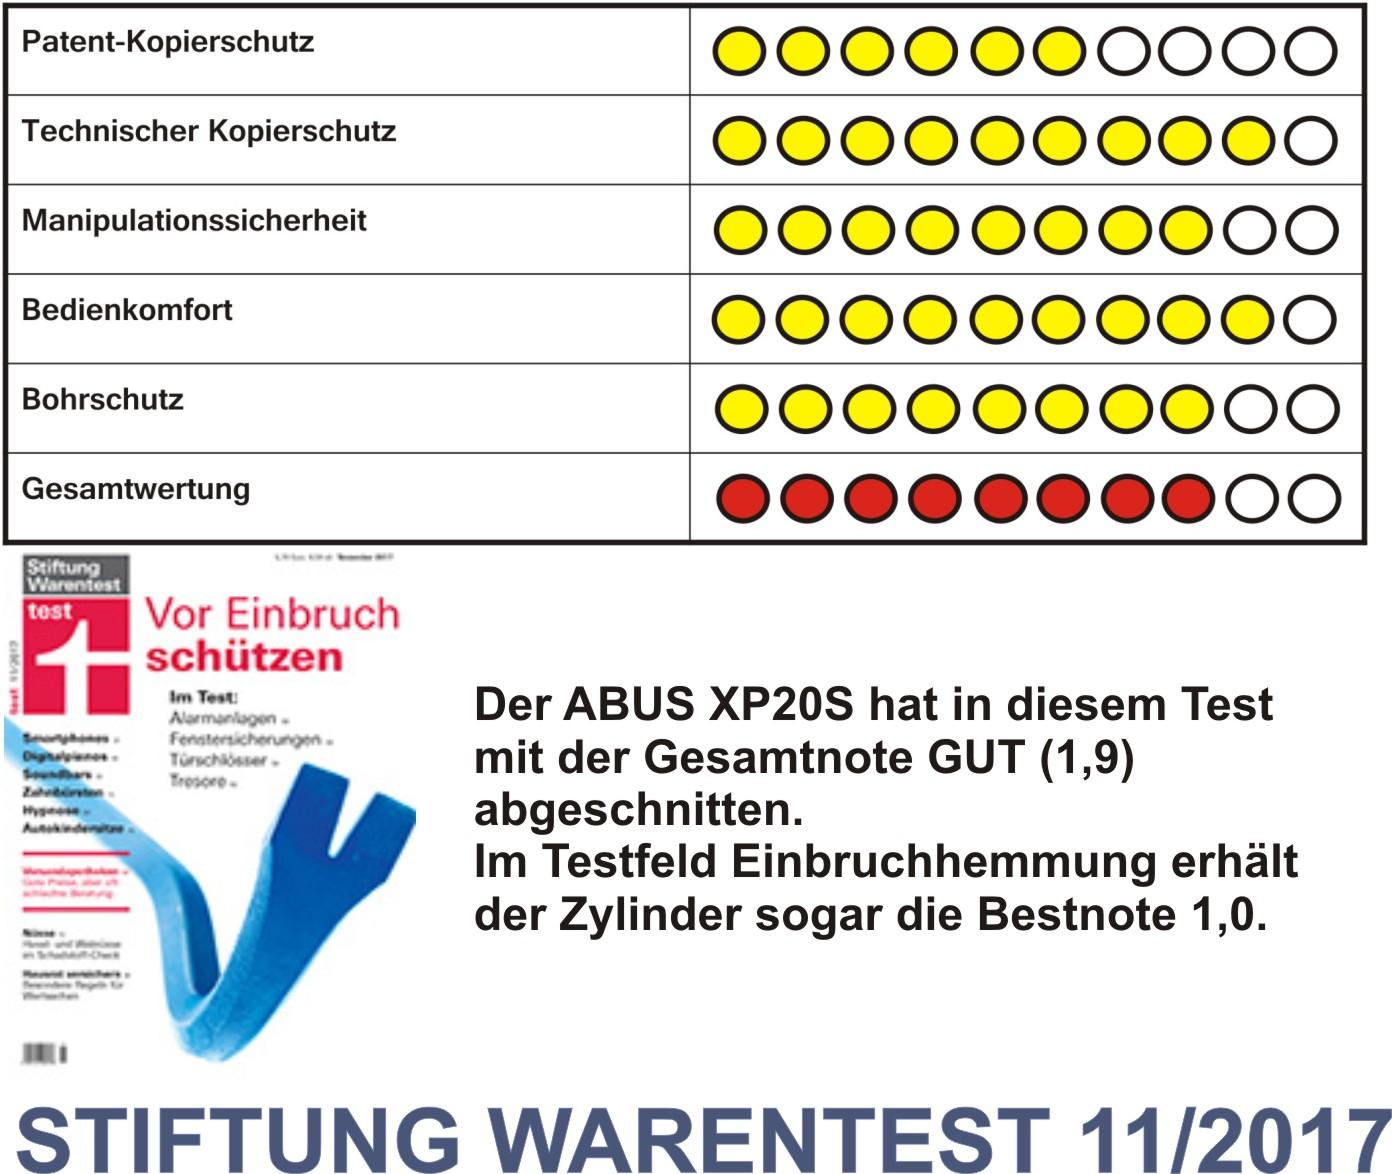 Abus Xp20s Schliesszylinder Sicherheitstechnik Fur Haus Buro